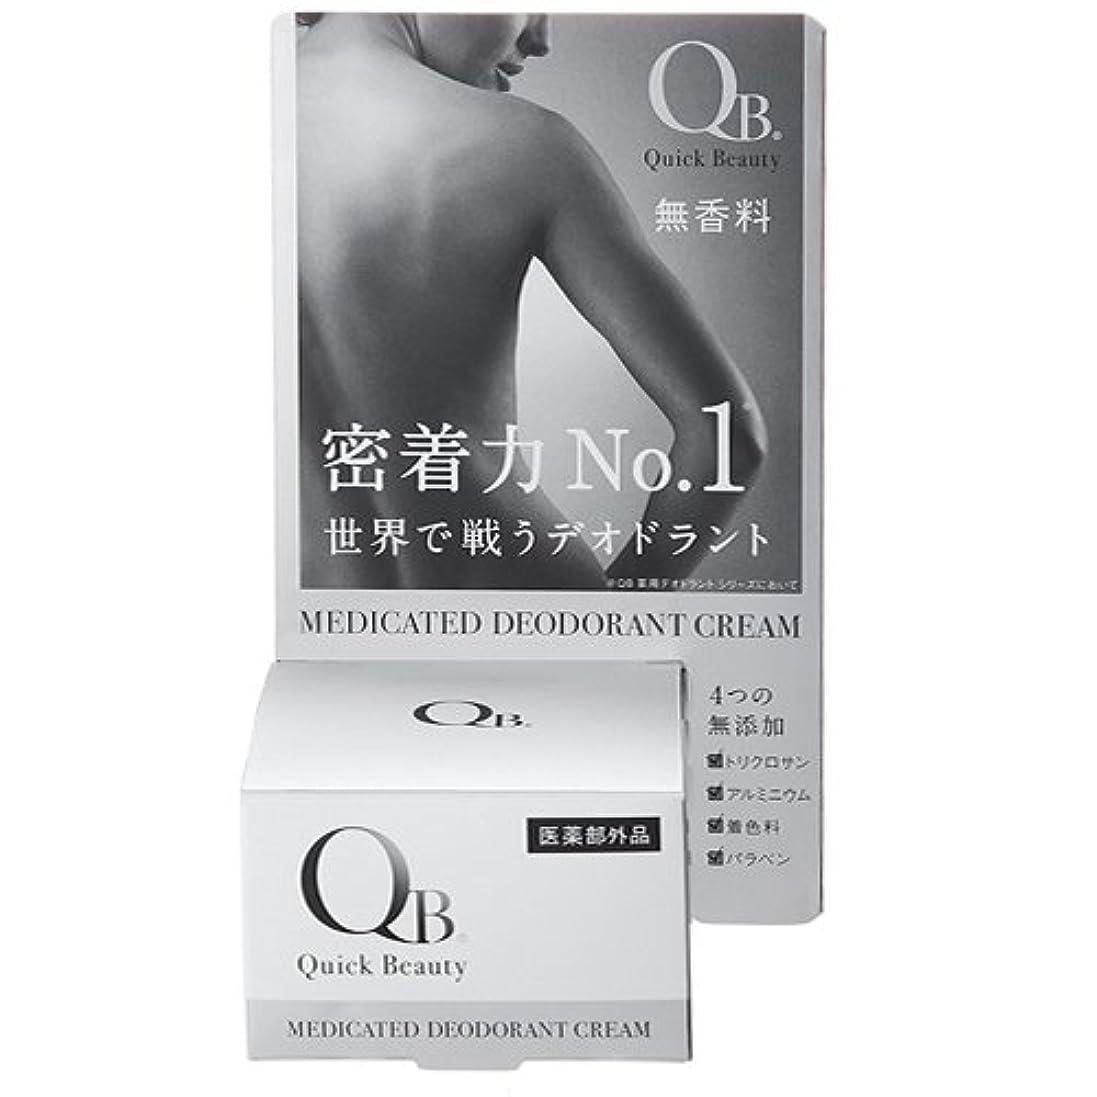 緯度センブランス百3個セット まとめ買い QB 薬用デオドラントクリーム W 30g 医薬部外品